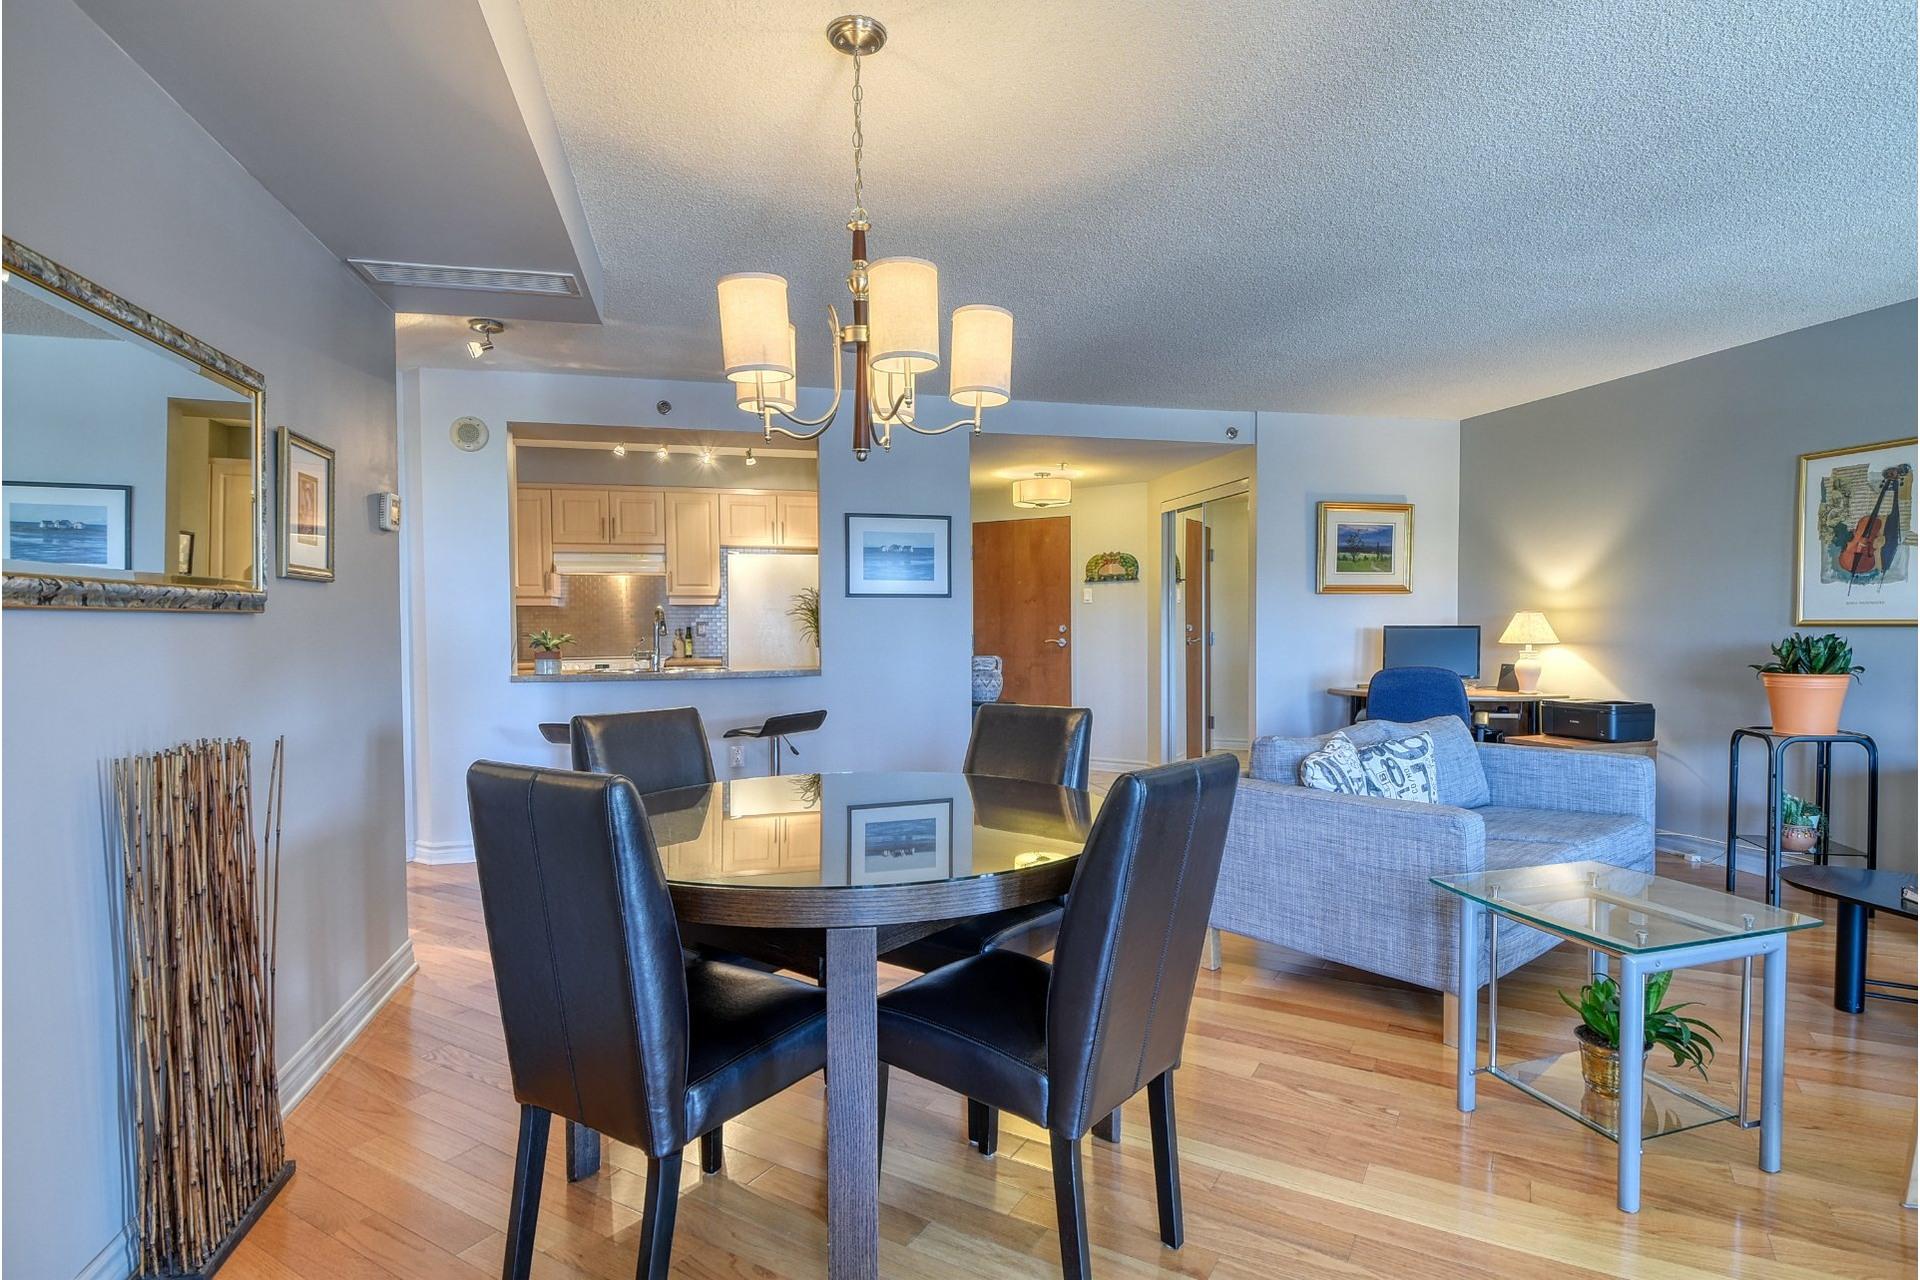 image 4 - Appartement À vendre Montréal-Nord Montréal  - 4 pièces